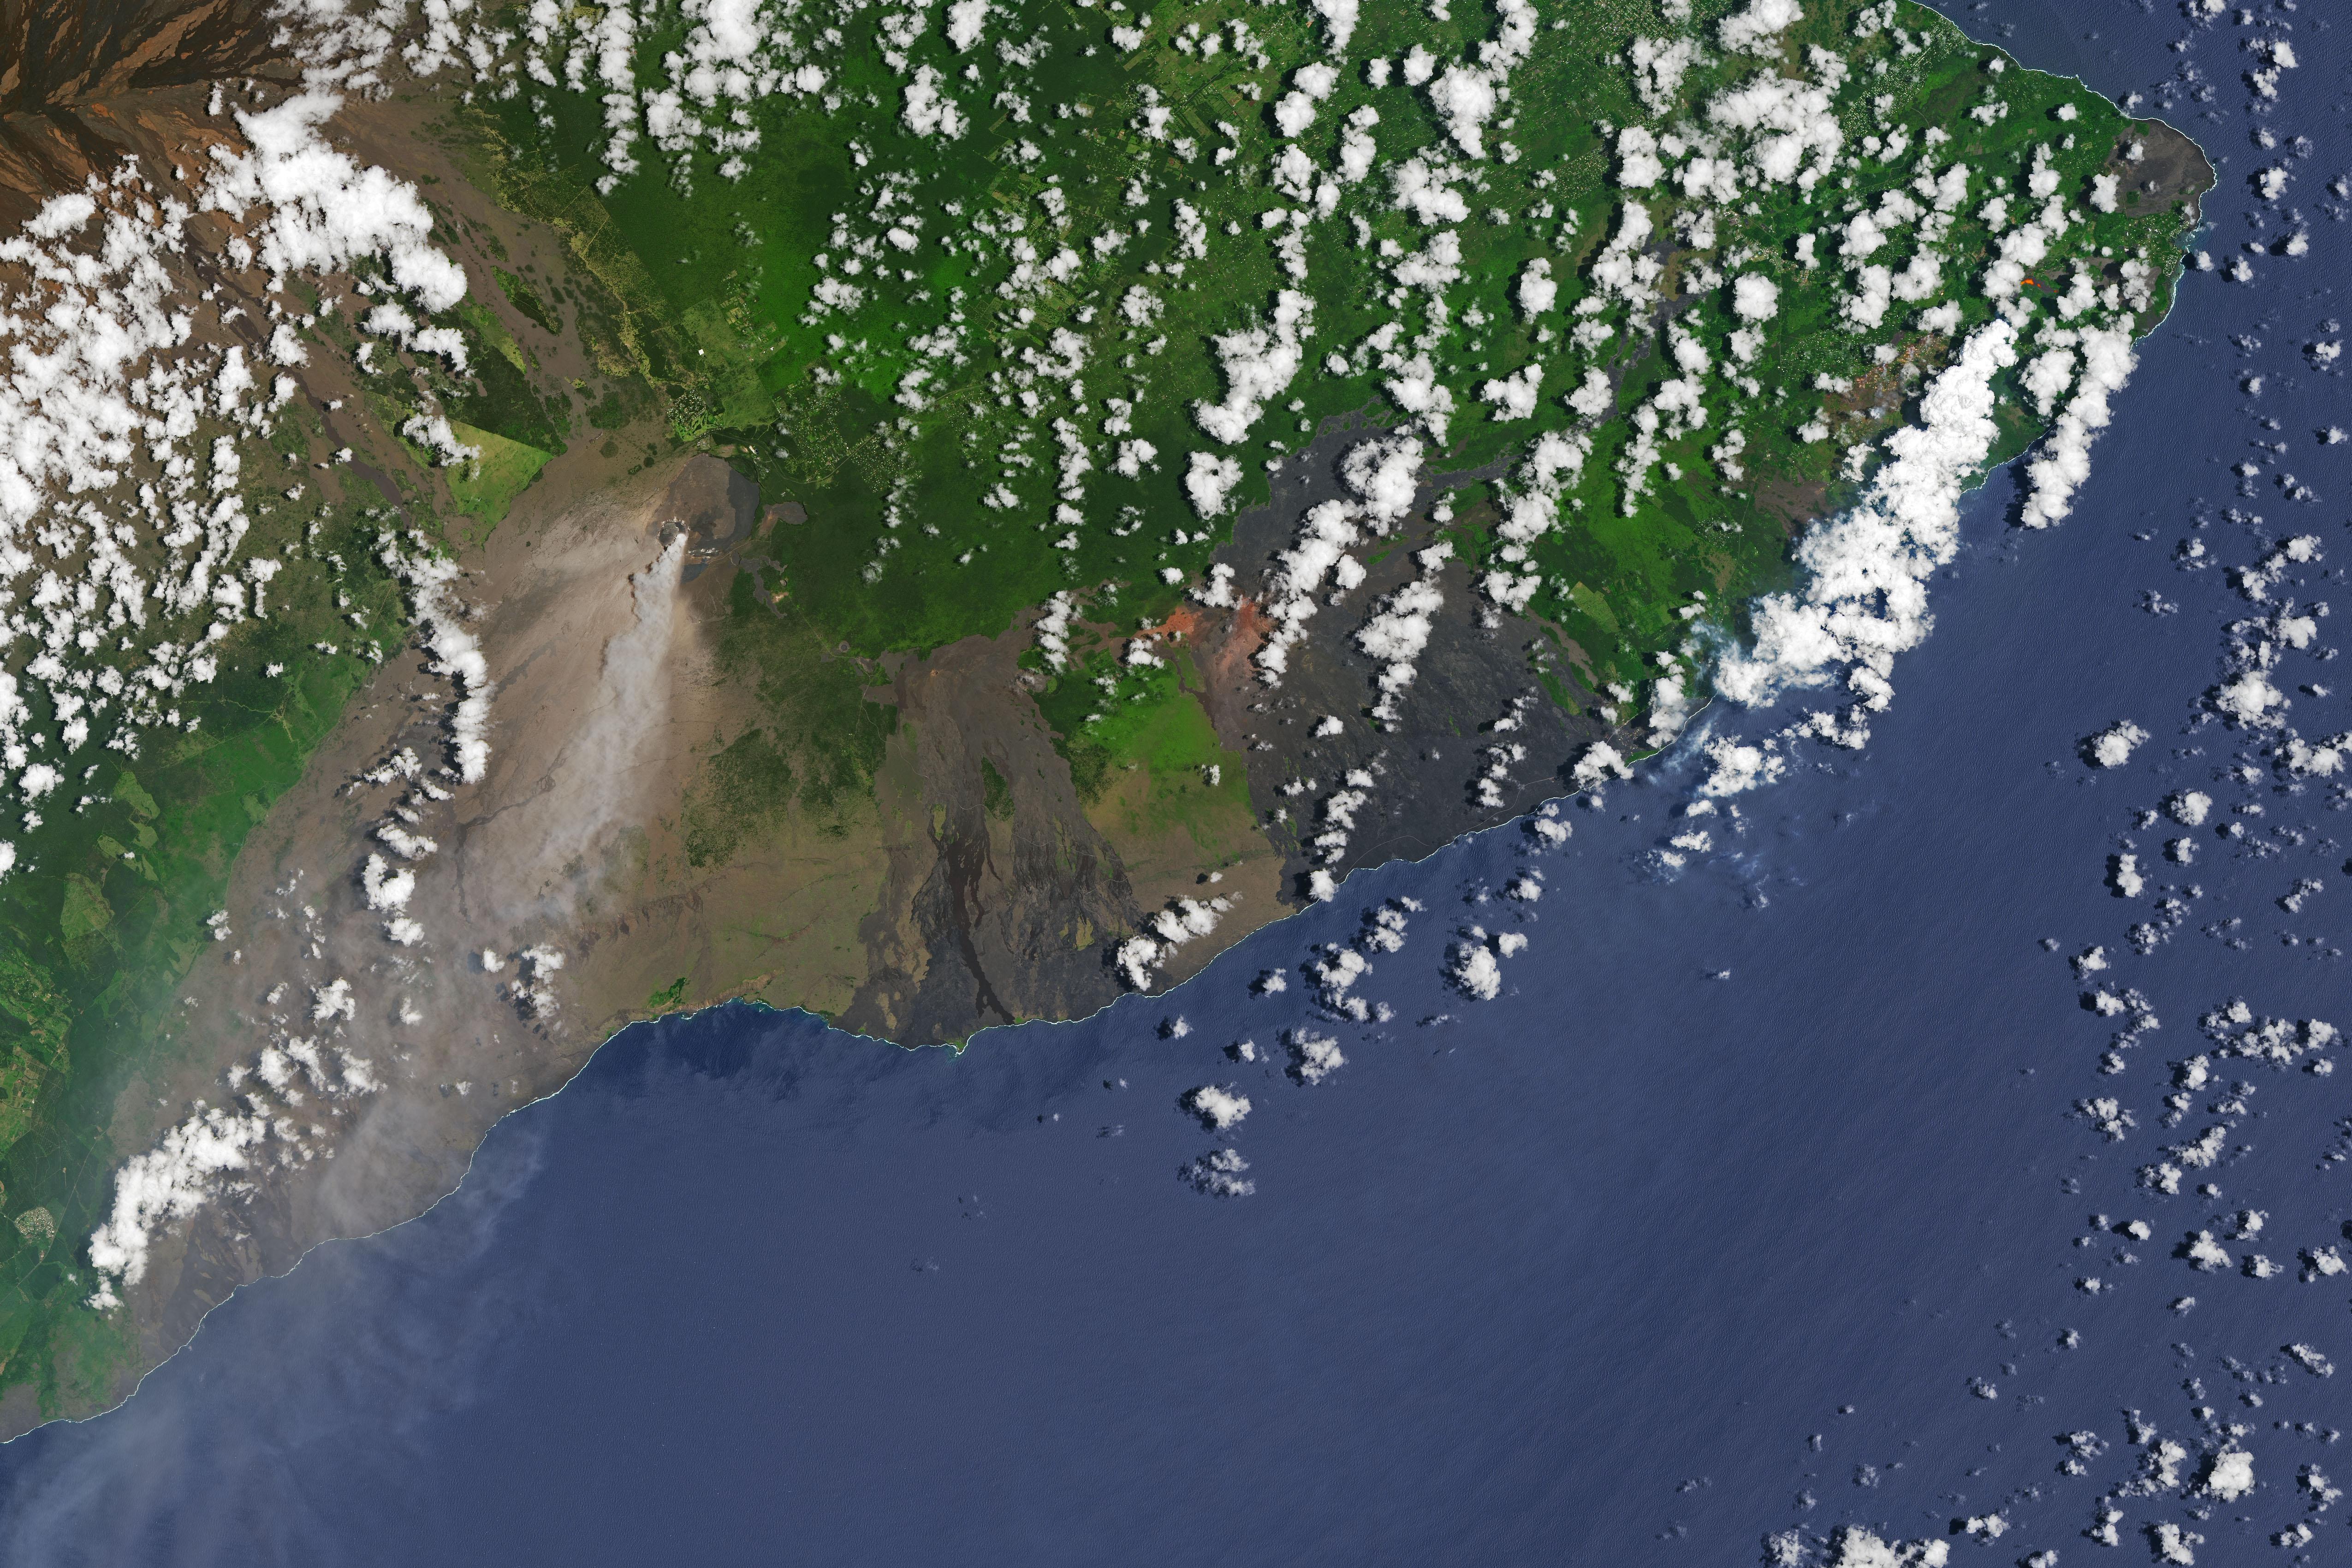 Мощное извержение вулкана было вызвано... дождями